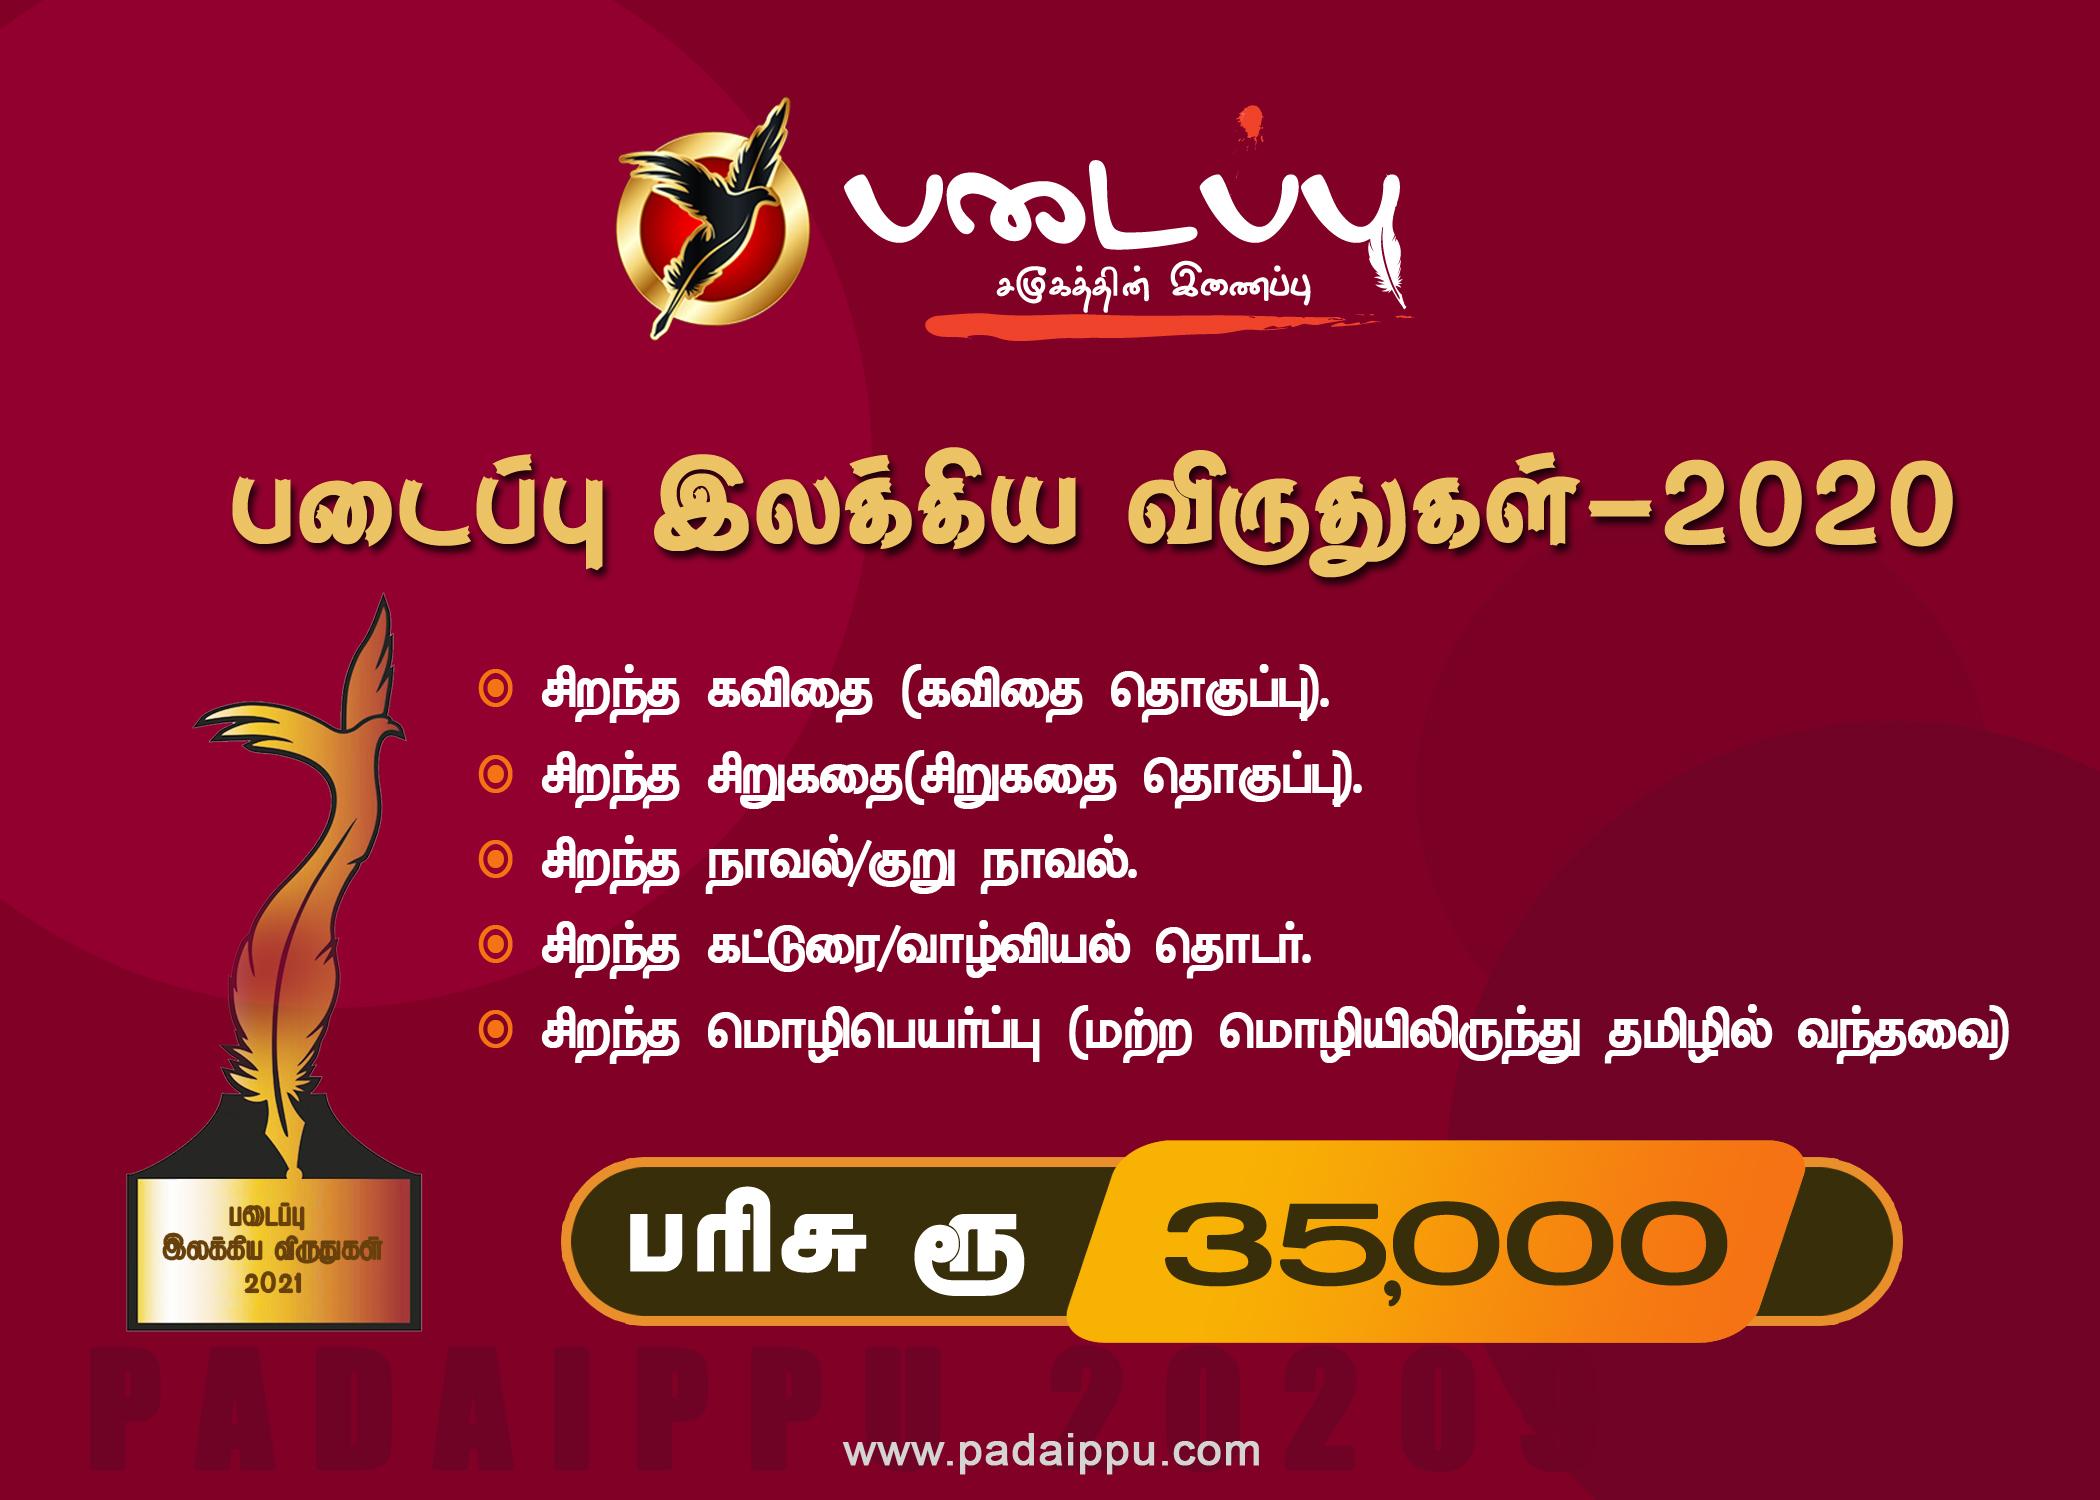 படைப்பு இலக்கிய விருது - 2020